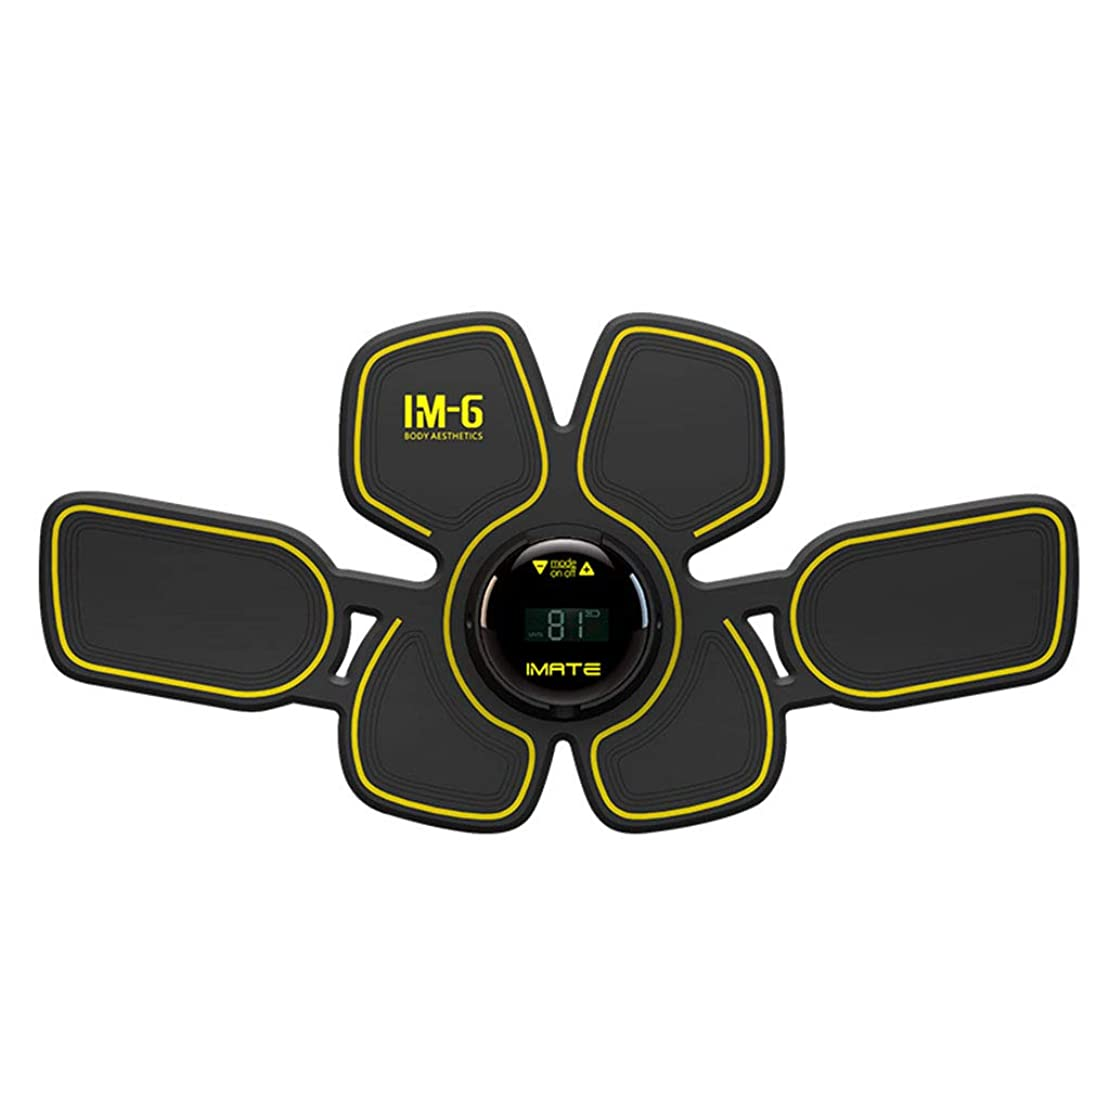 前件メイン仮定フィットネス薄いベルト、ボディビルディング腹部ベルト腹筋トレーナー怠惰な体整形筋刺激装置ホームオフィス男性と女性の腹筋トレーナー (Color : BLACK, Size : 38*19*1.5CM)